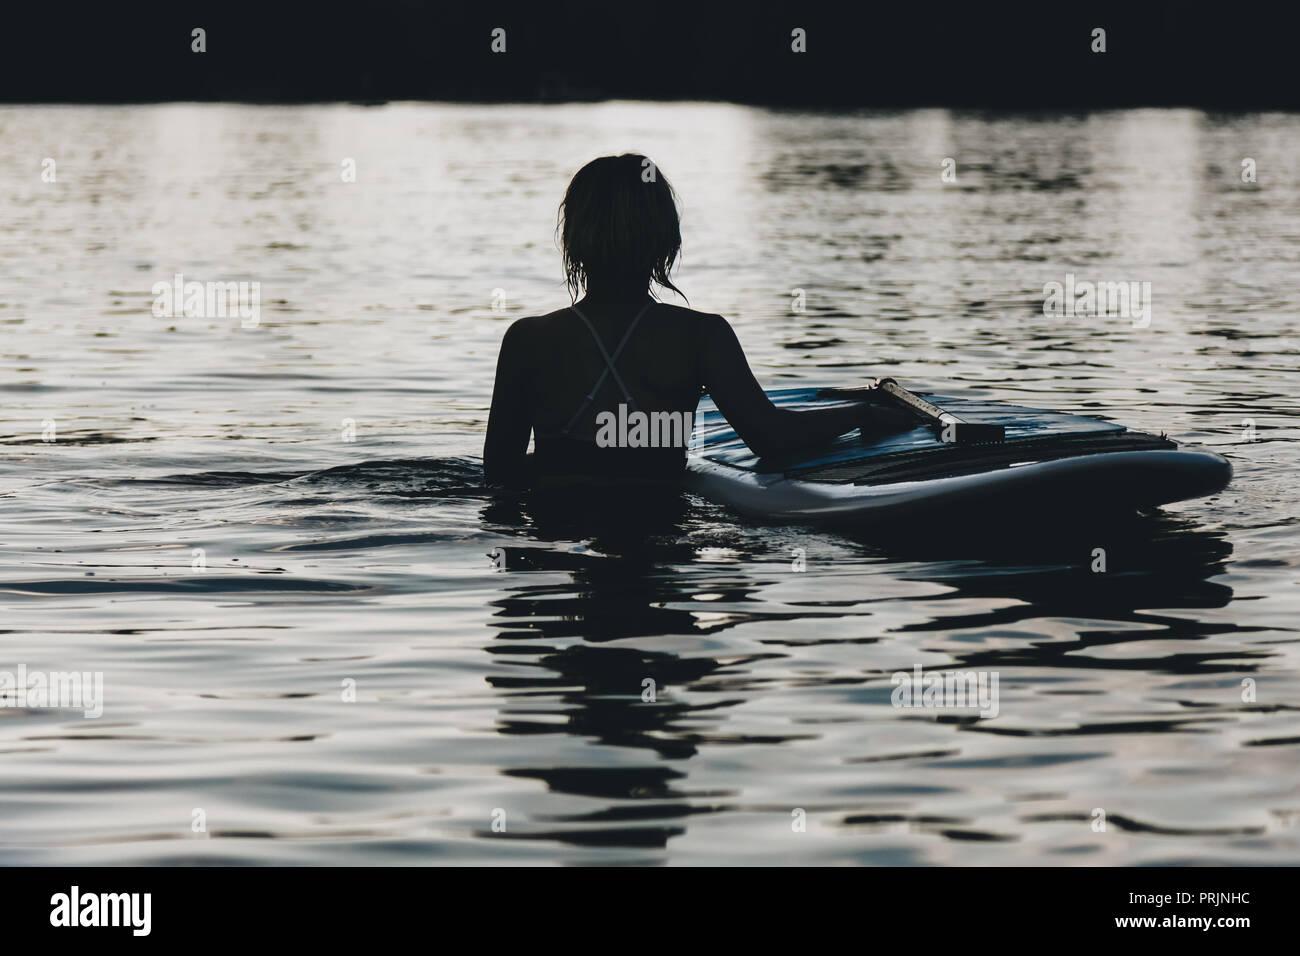 Silhouette der Frau in Wasser mit Paddle Board Stockbild